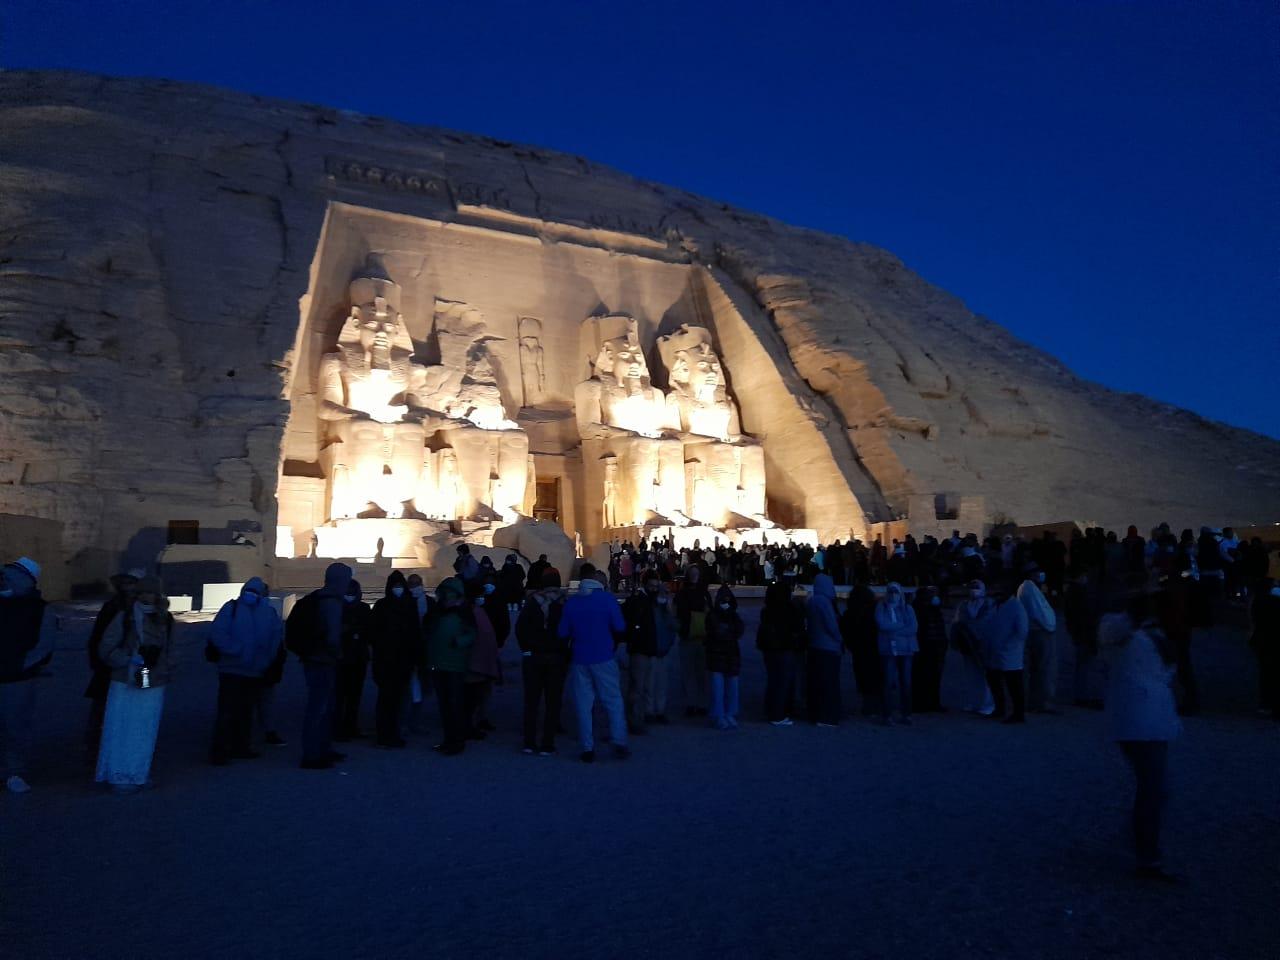 توافد الزوار على معبد أبوسمبل لحضور تعامد الشمس  (7)